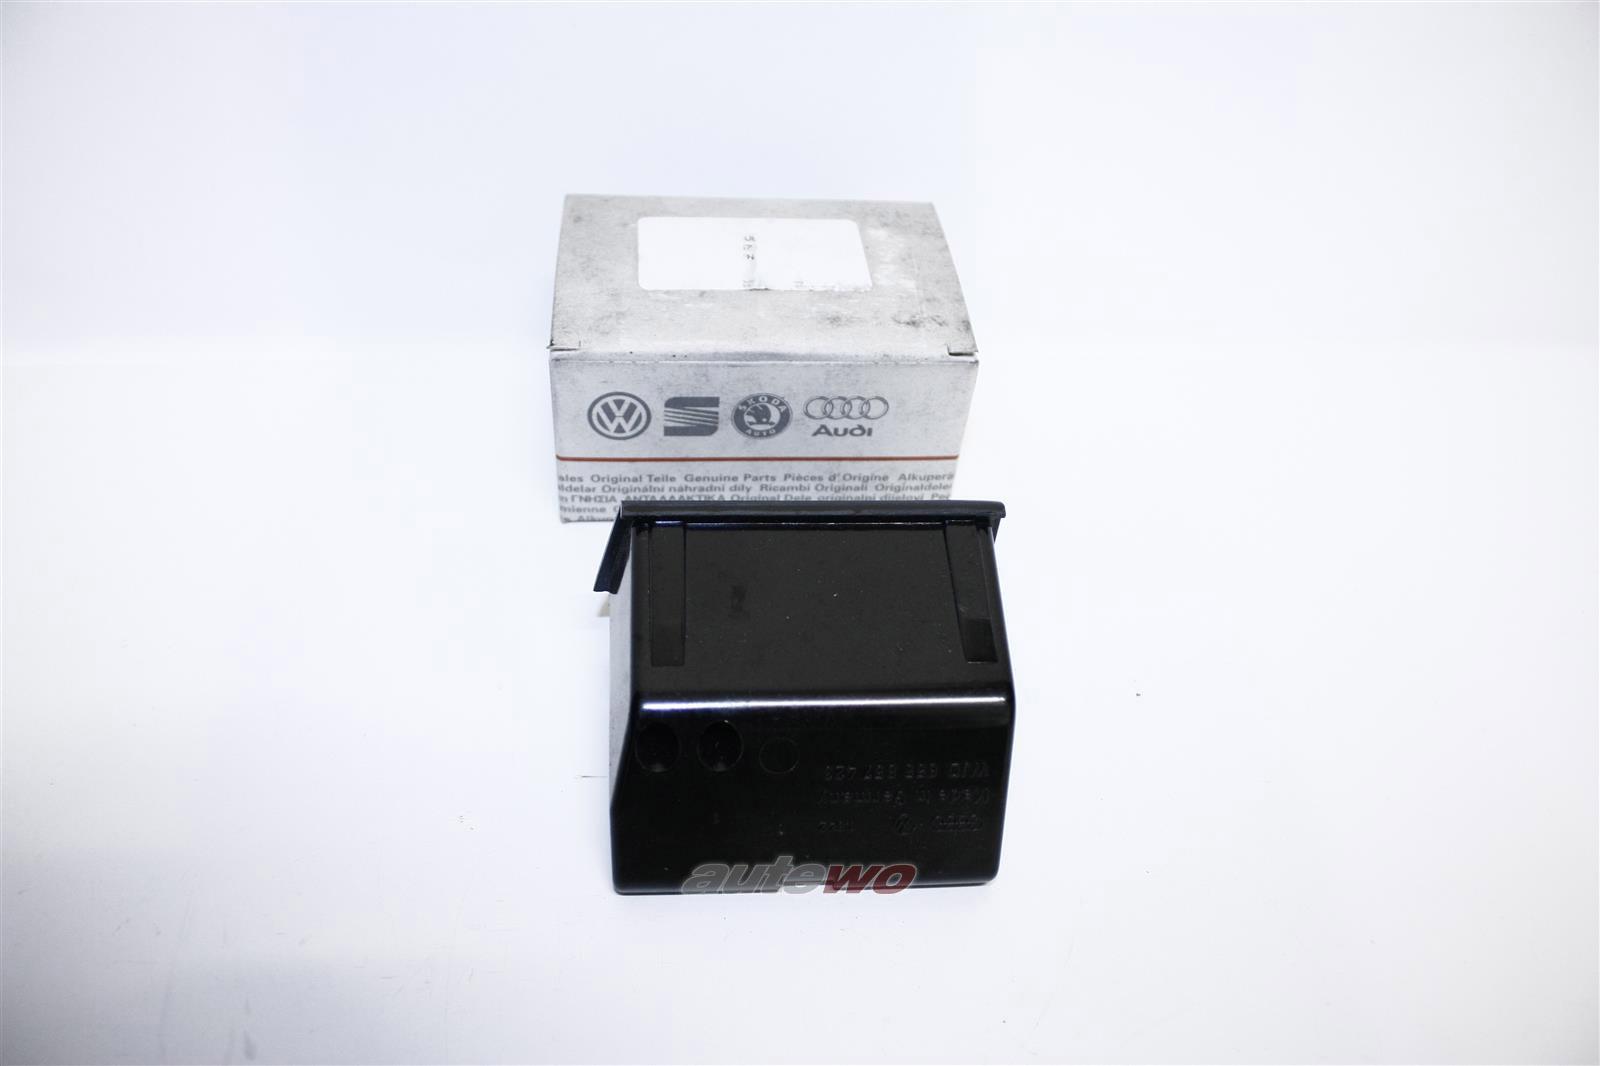 855857423 NEU Audi/VW Coupe Typ 81/85/Urquattro/Passat Aschenbecher-Einsatz